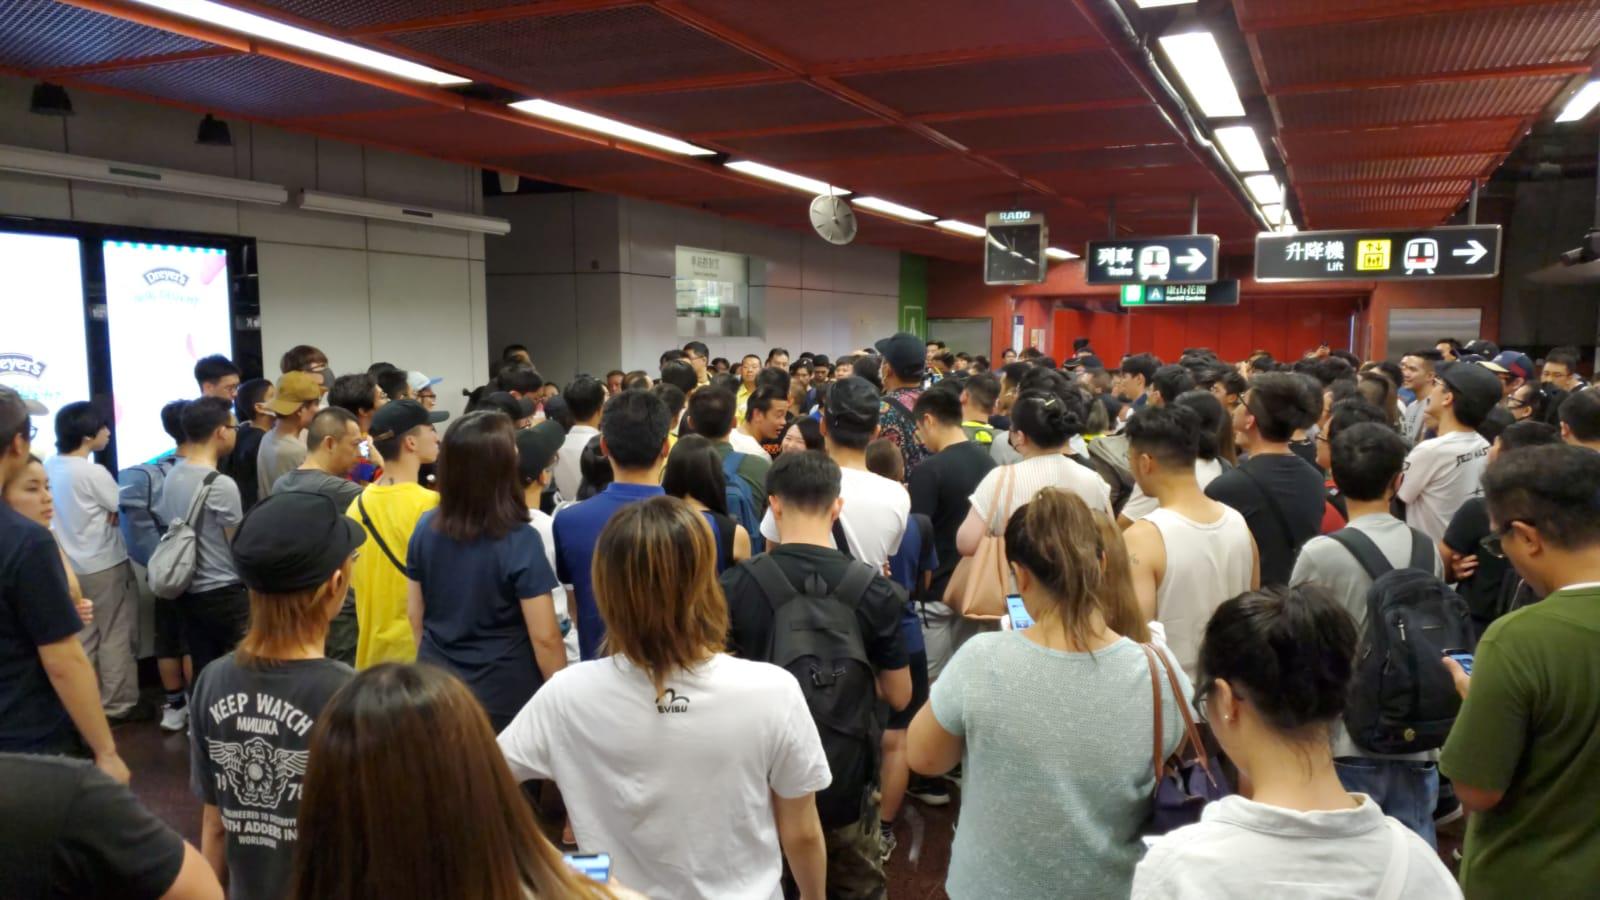 逾百人包圍太古站控制室 促交代811警員入站追捕事件